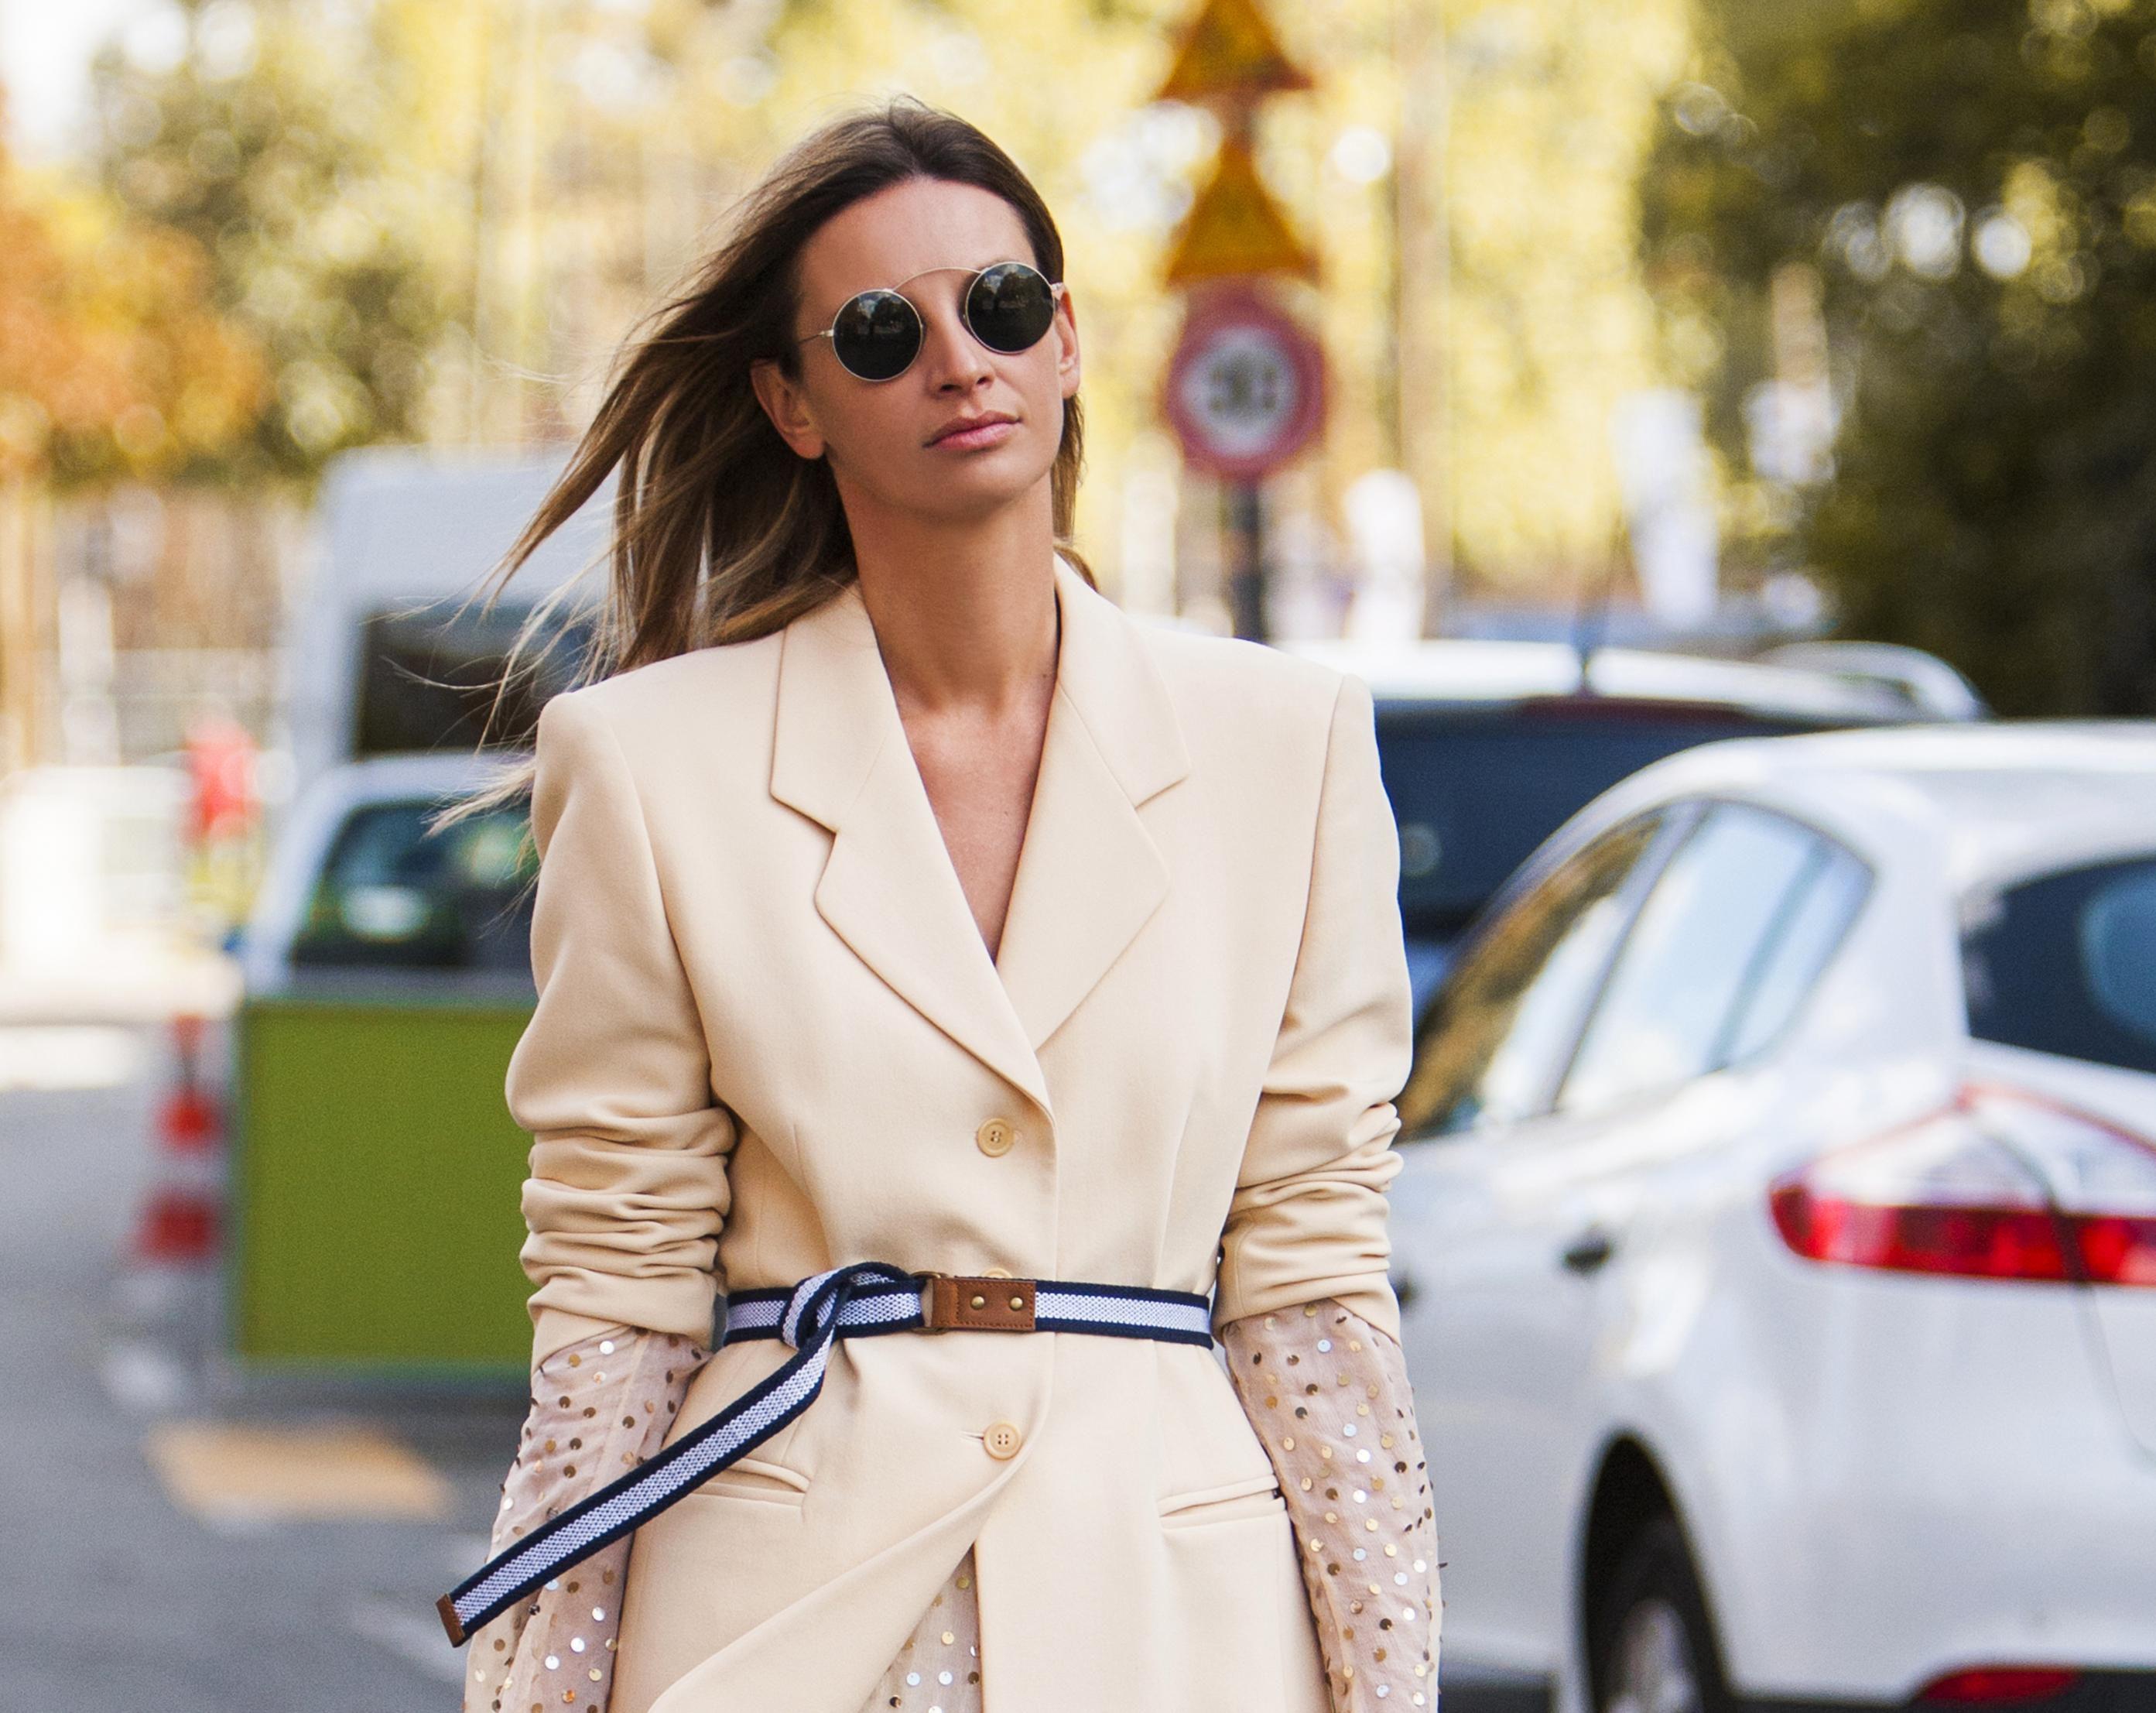 Svečana šljokičasta haljina u kombinaciji s tenisicama izgleda spektakularno!